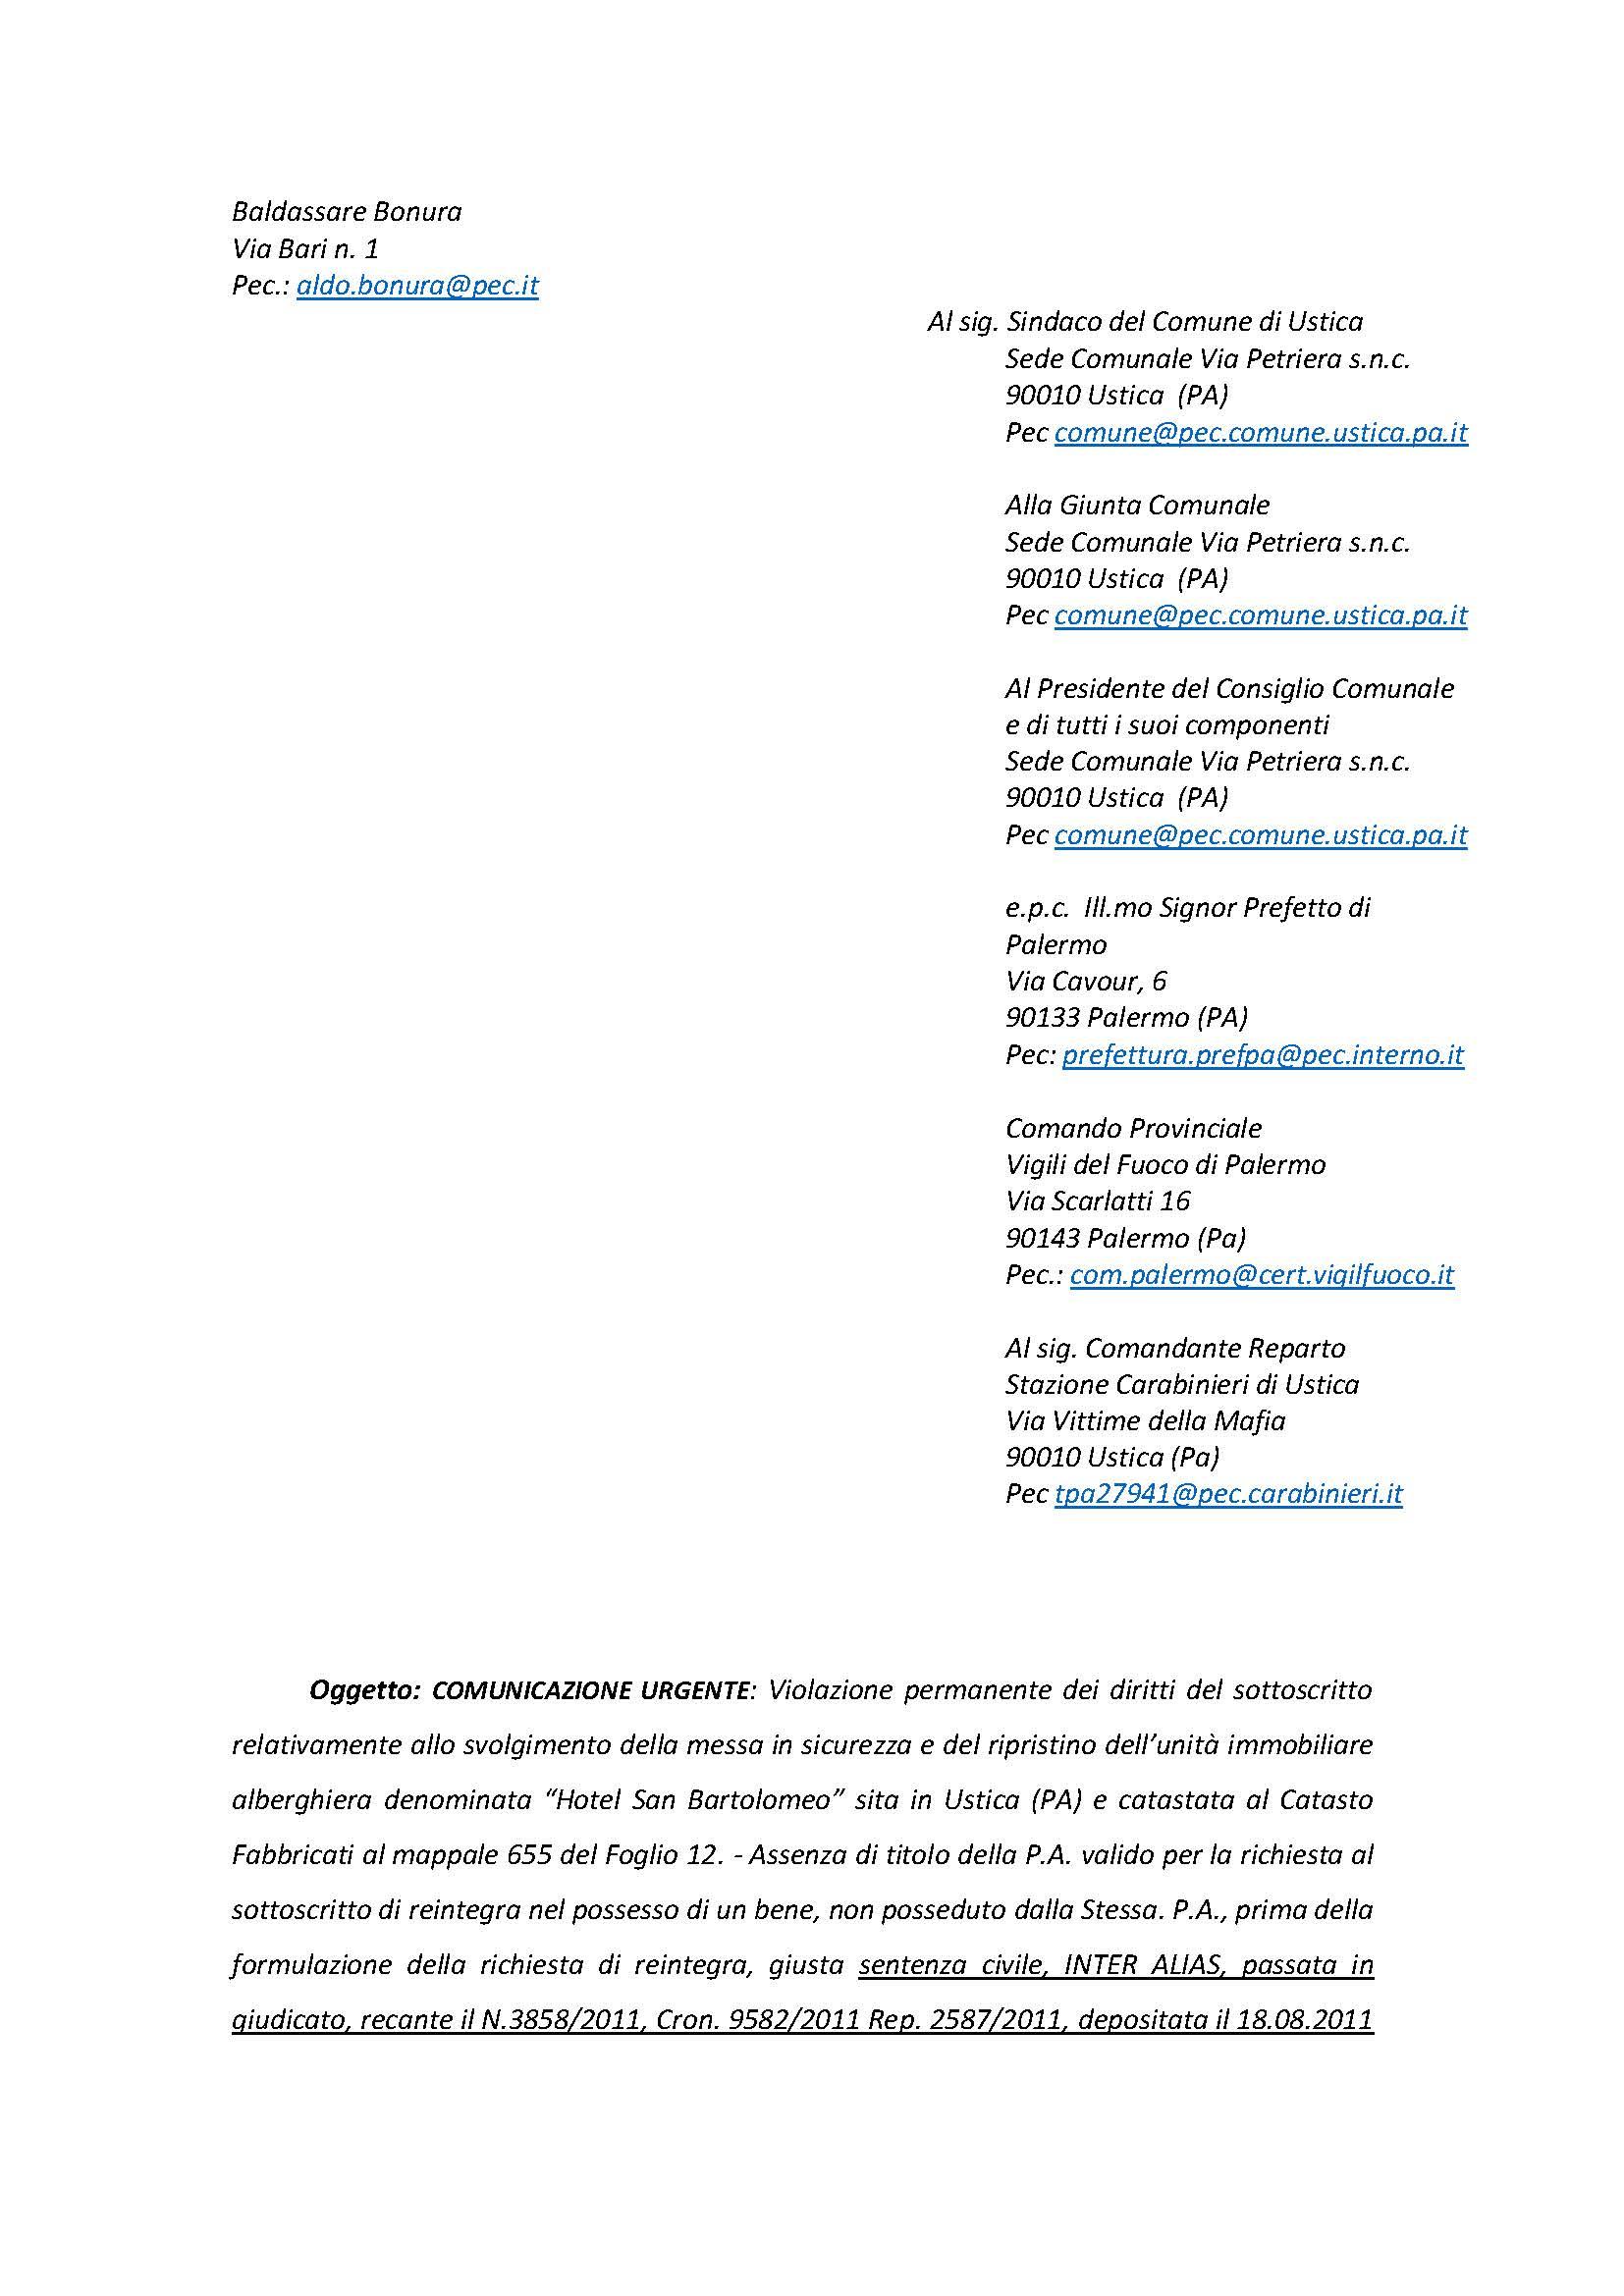 Militello 1 ipeg Comunicazione urgente assenza possesso jpeg_Pagina_1